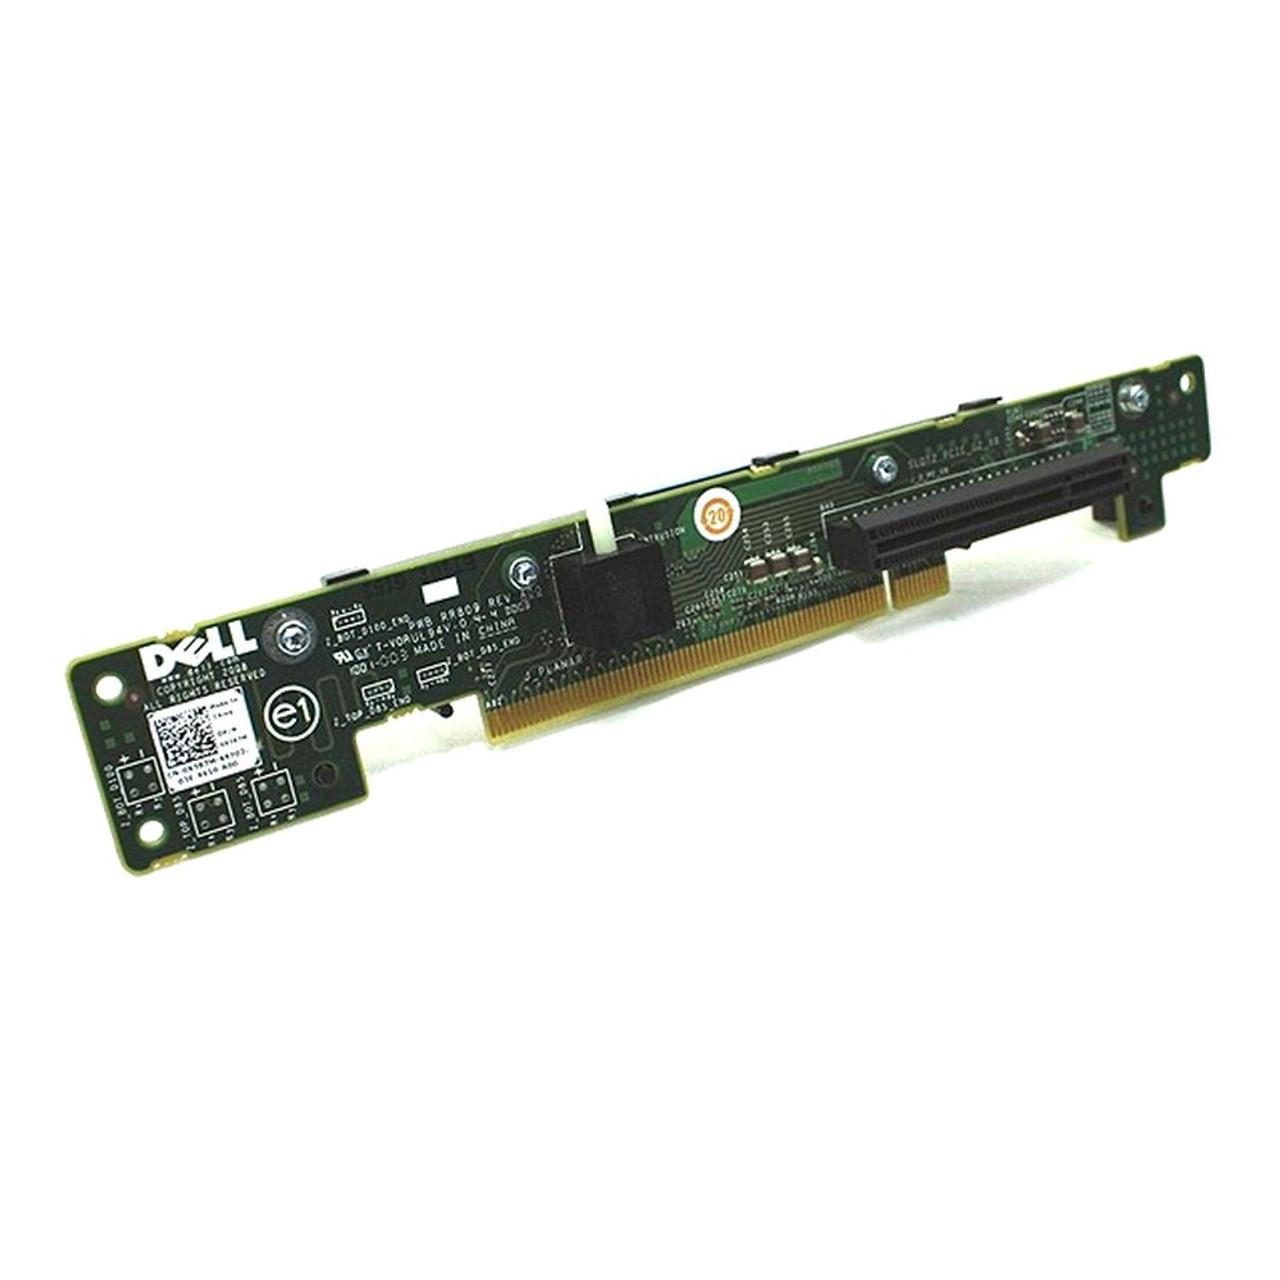 Dell PowerEdge R610 Left PCI-E 8x Riser Board X387M